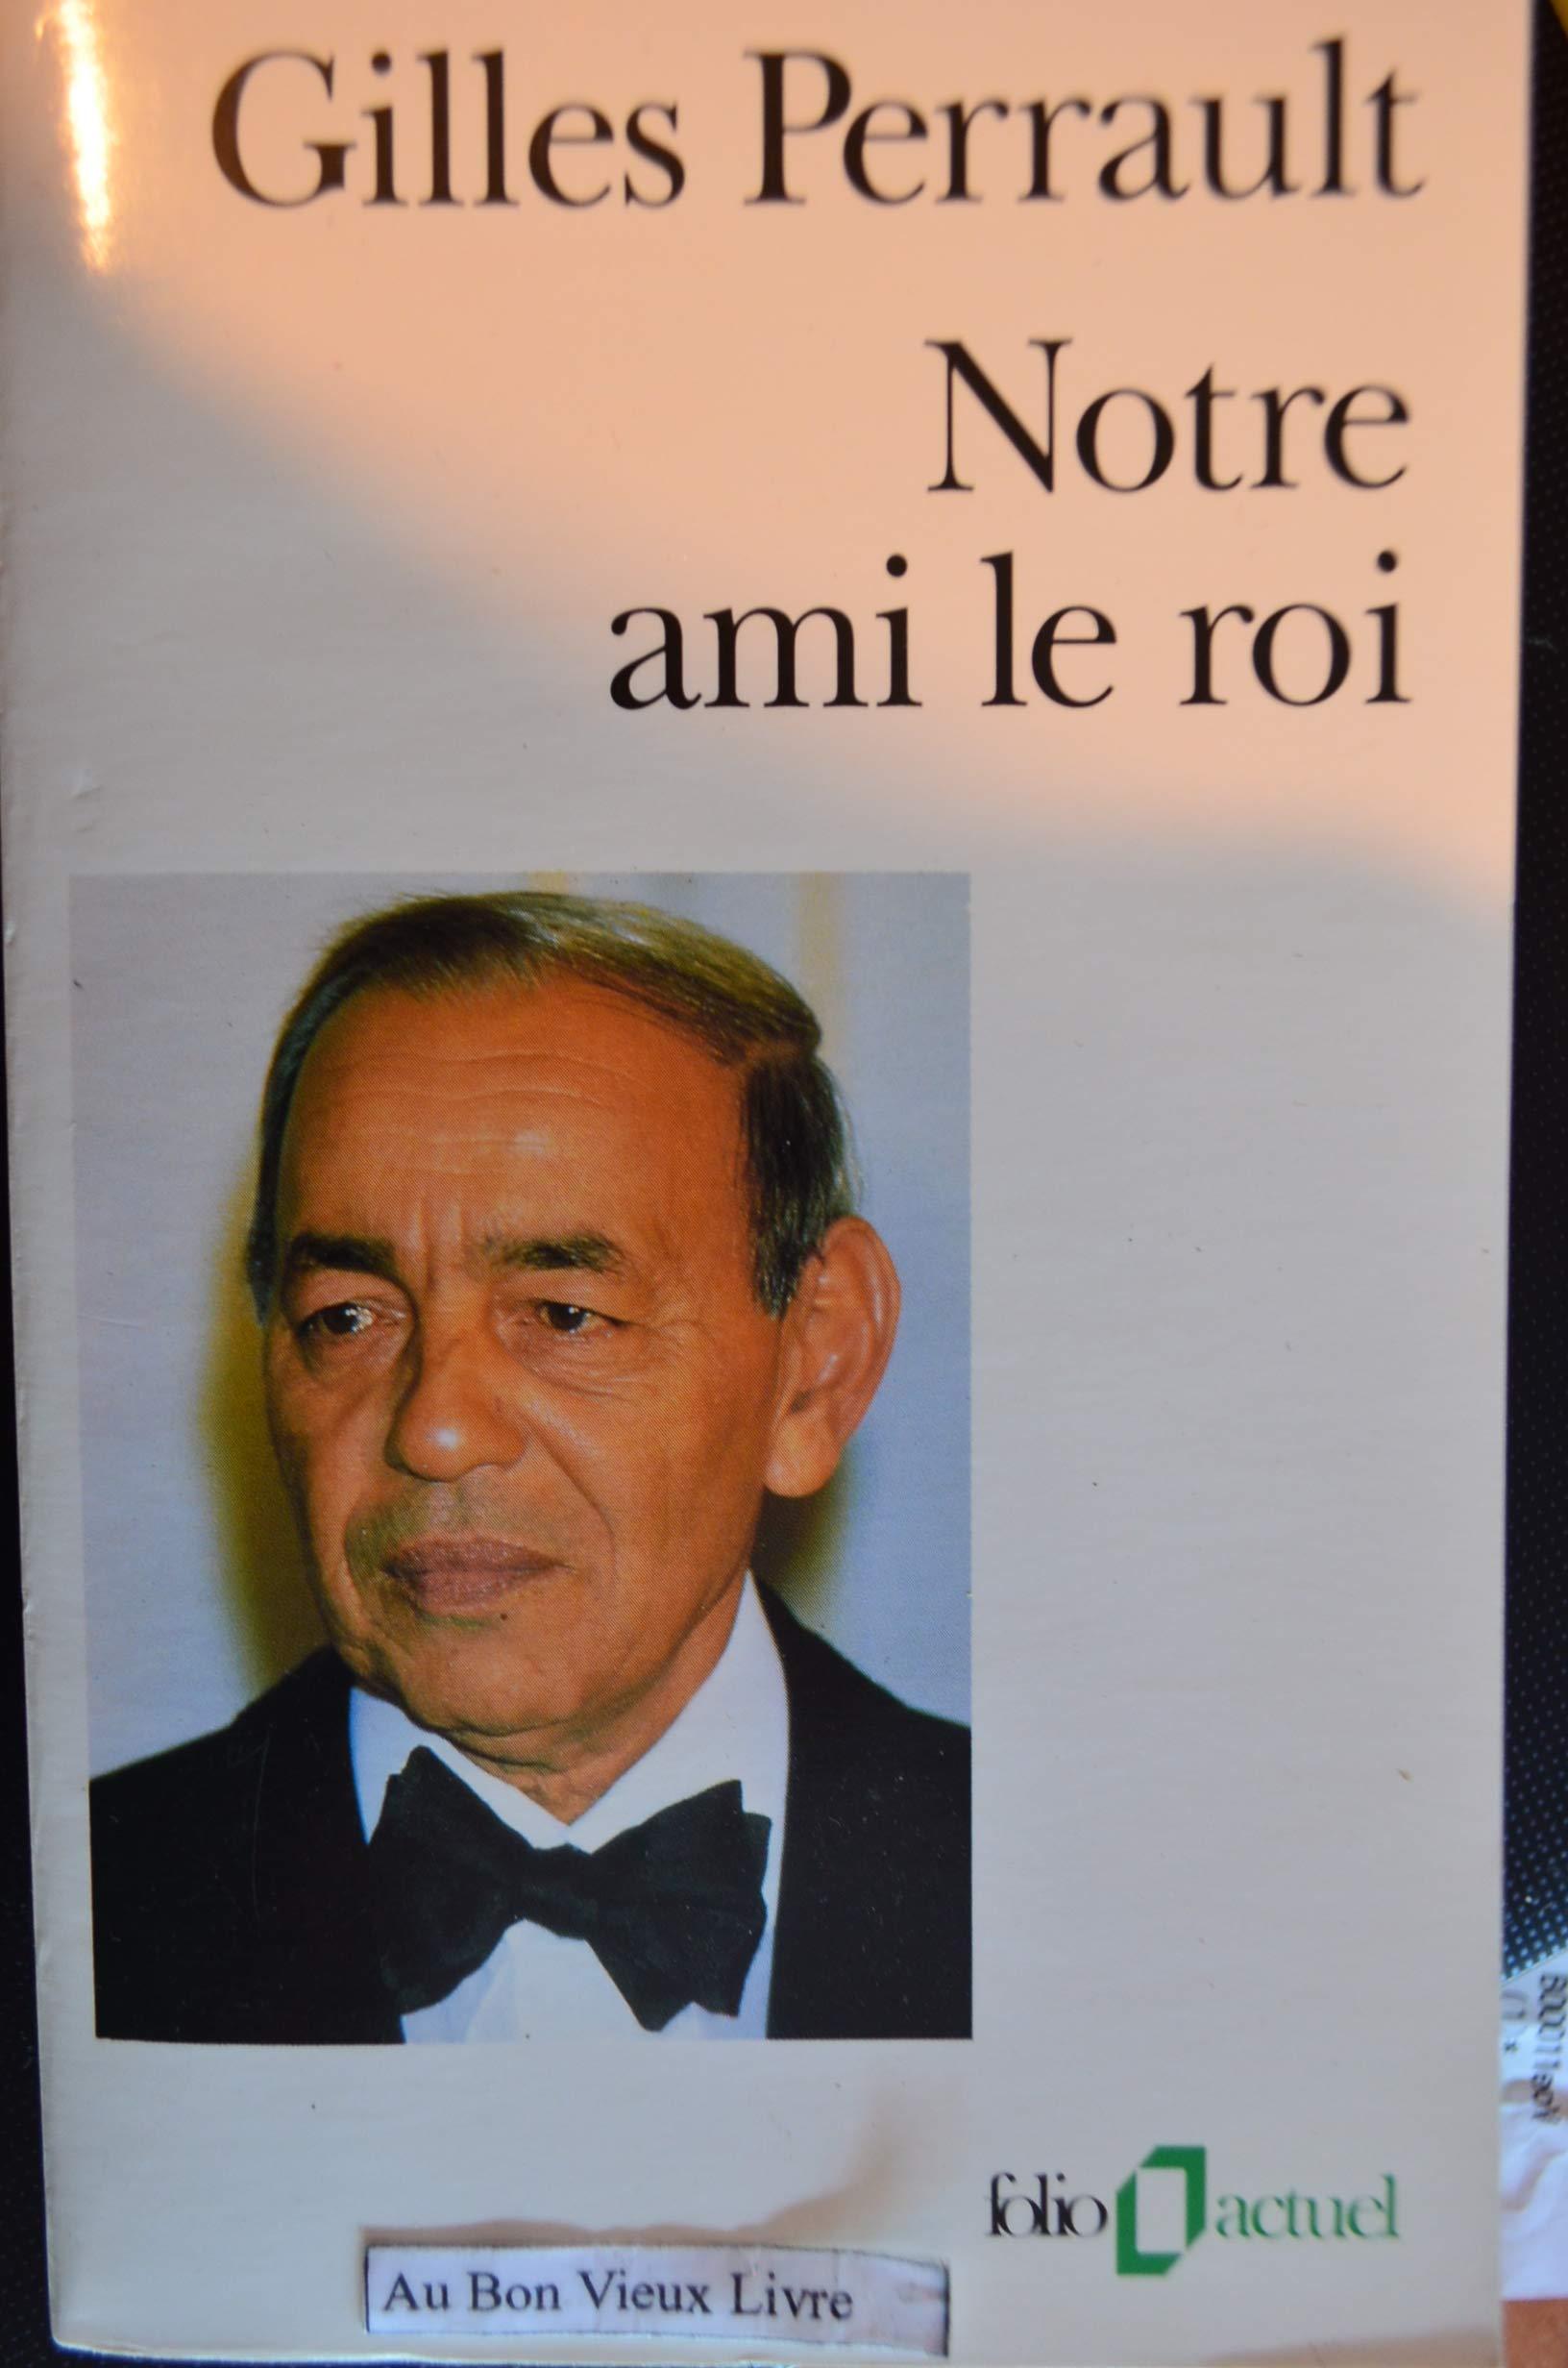 PERRAULT ROI GILLES TÉLÉCHARGER GRATUITEMENT LE NOTRE AMI